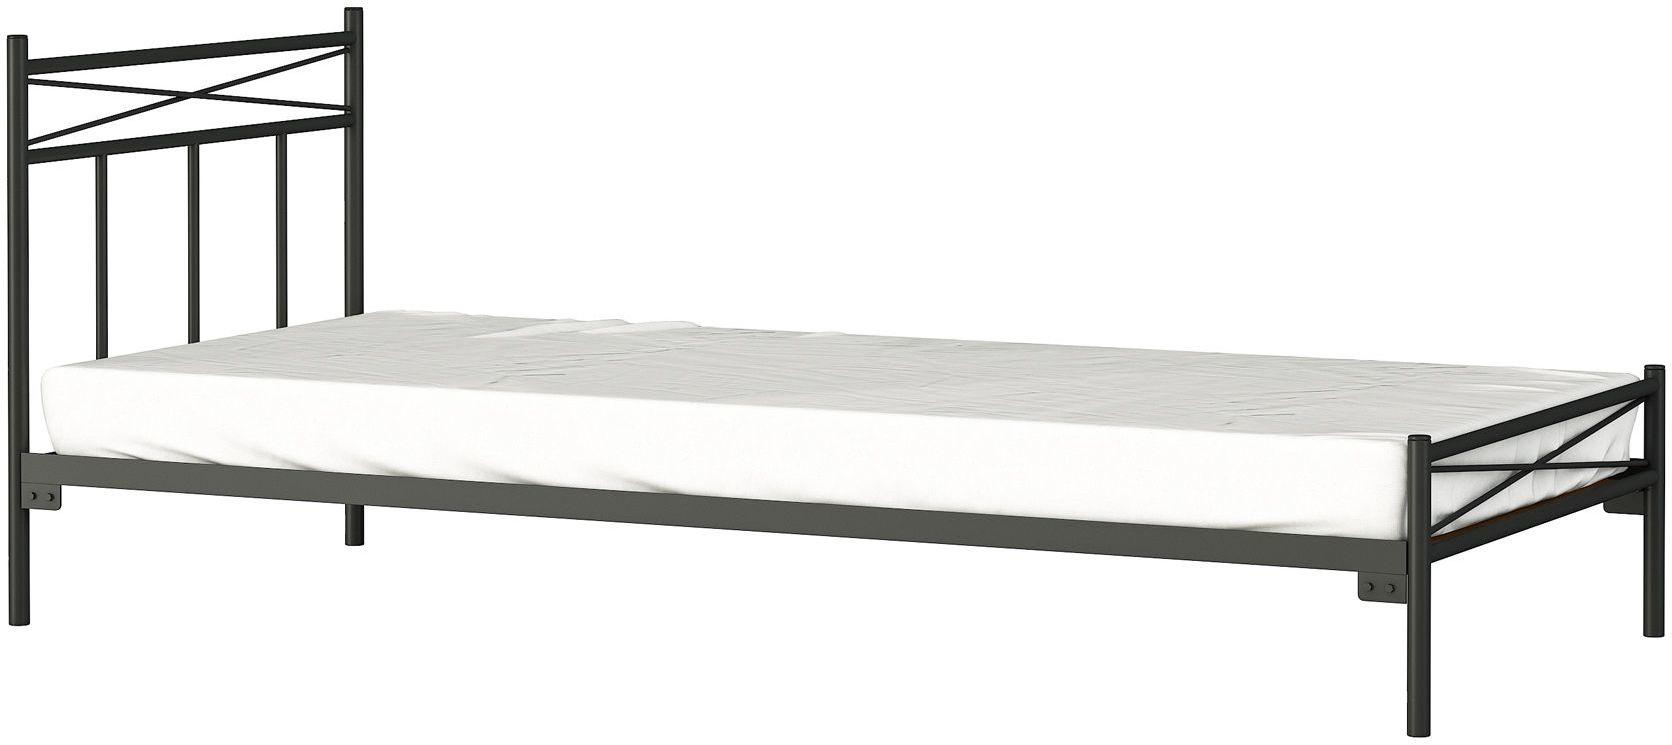 Łóżko jednoosobowe metalowe Boston 90x200 - 17 kolorów